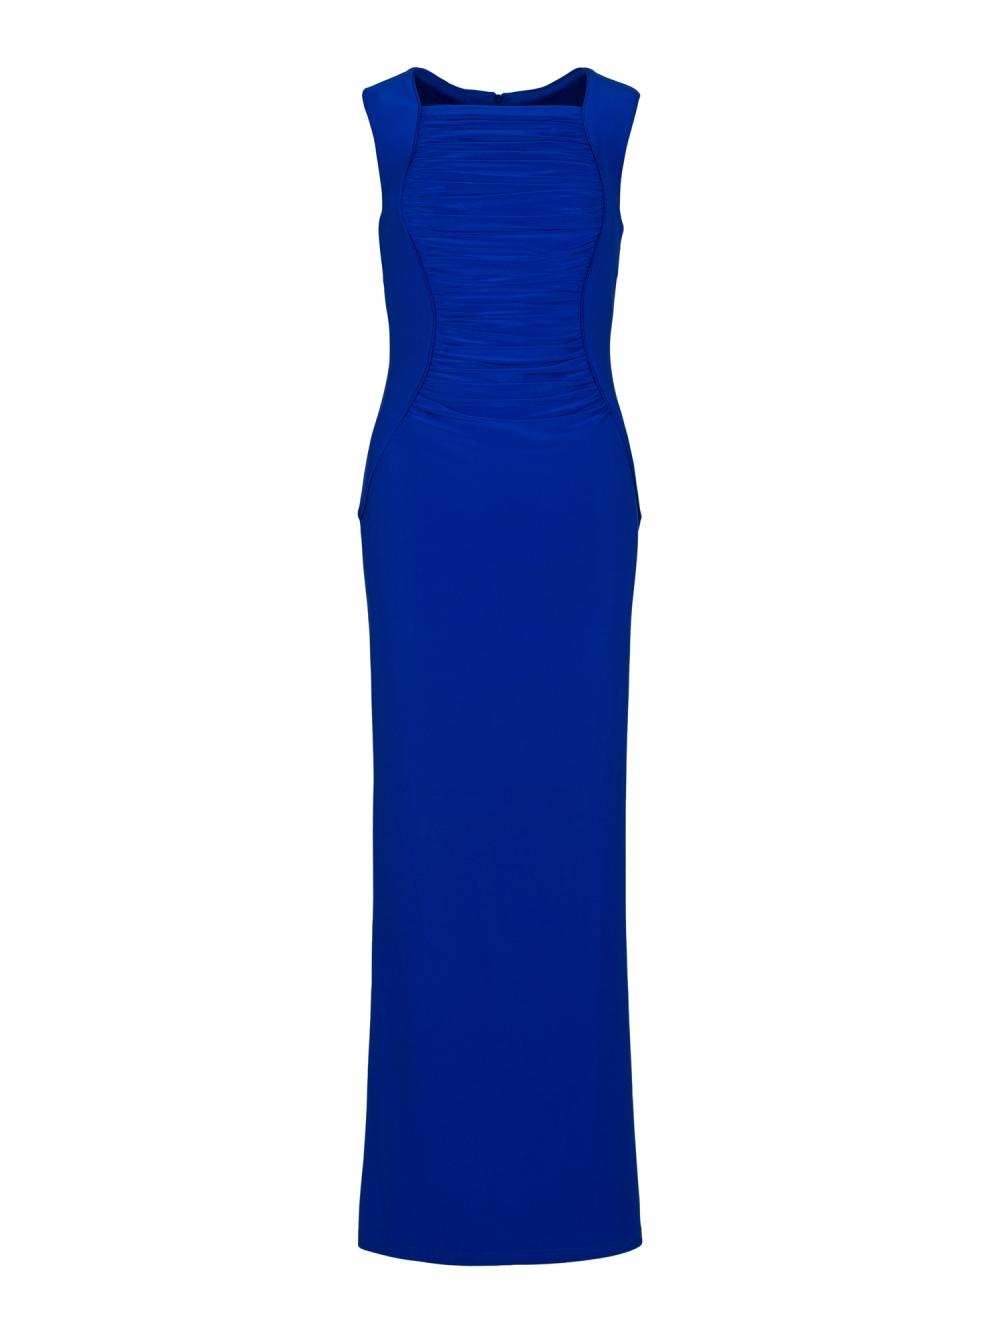 56c10956a4ff Långklänning från Joseph Ribkoff - handla i butik eller online hos Mod